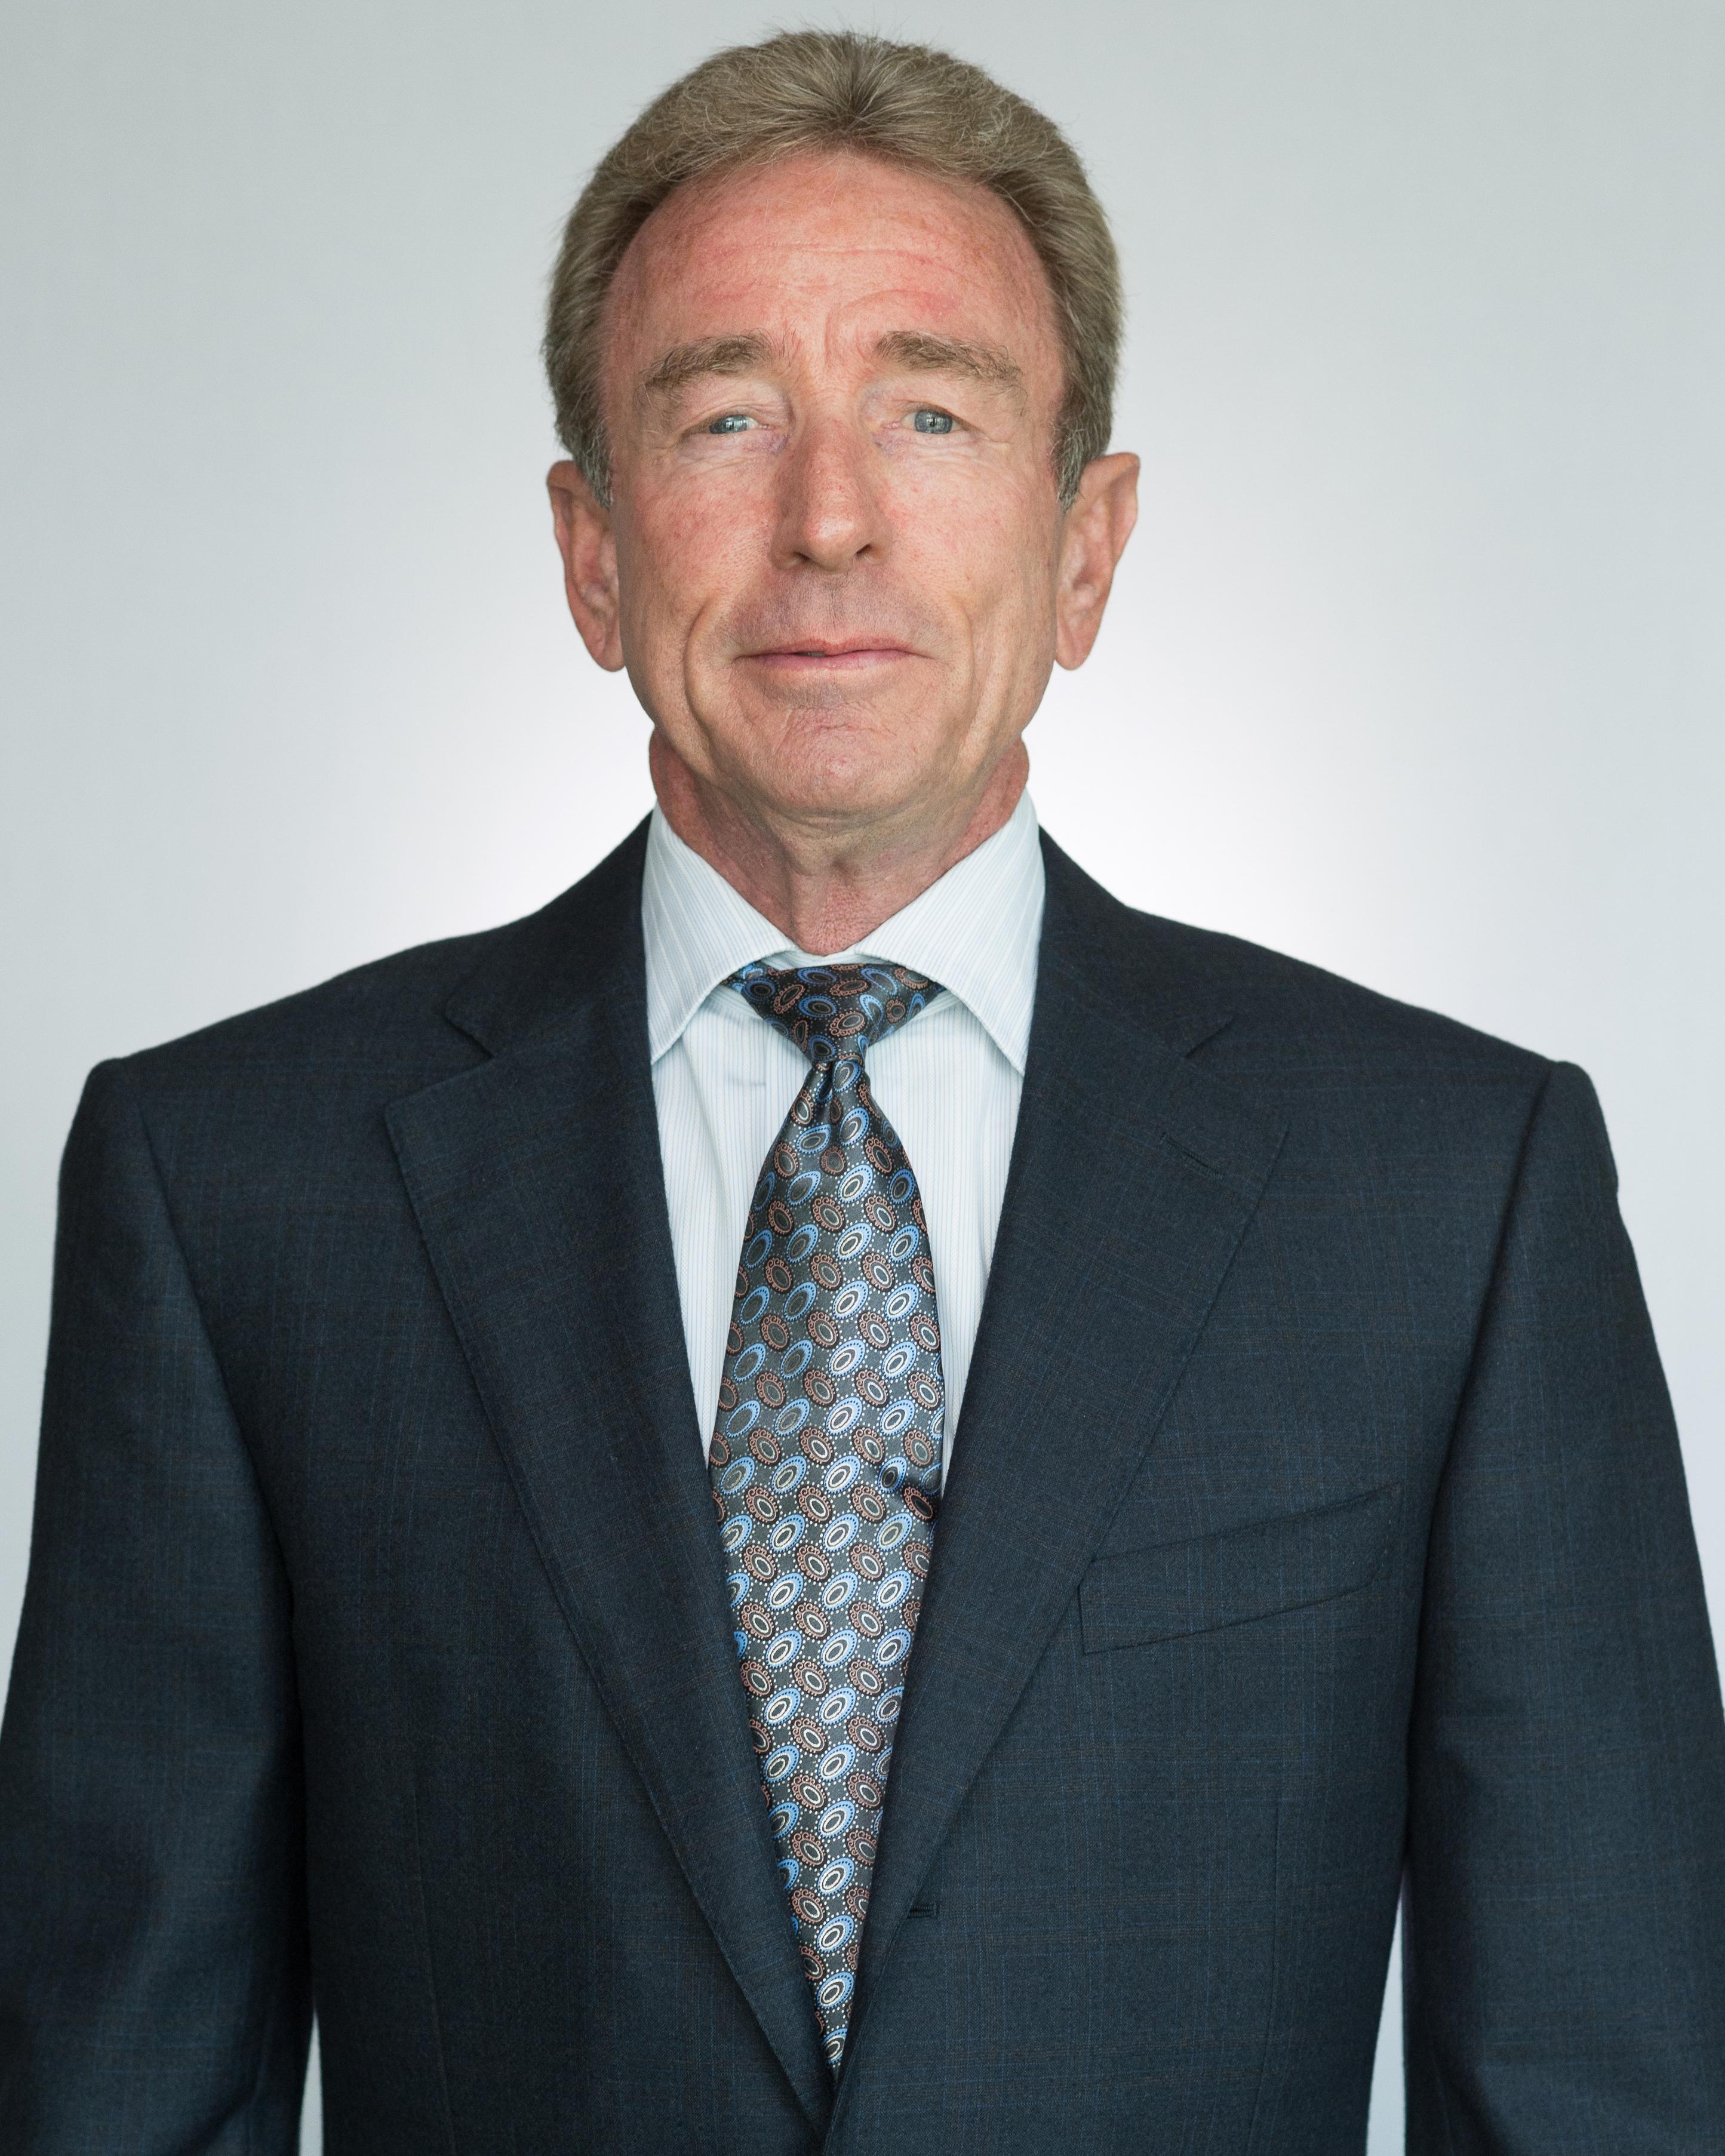 Brian McNamara